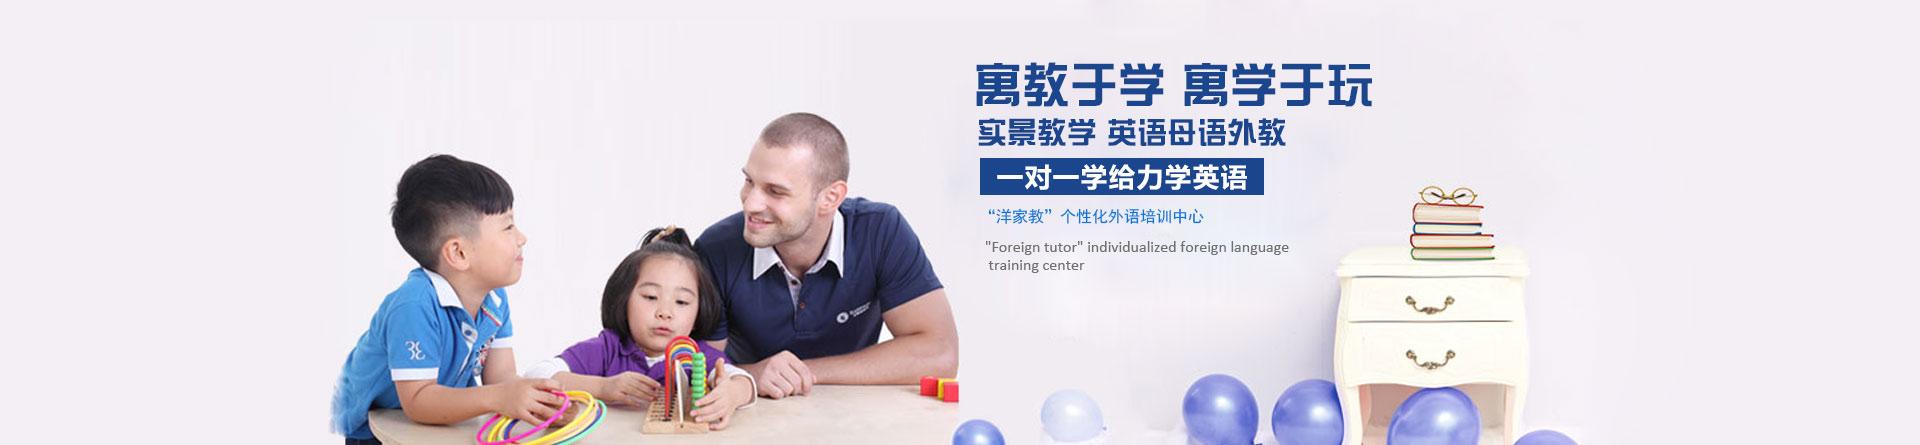 四川省巴中市阿卡索英语培训机构